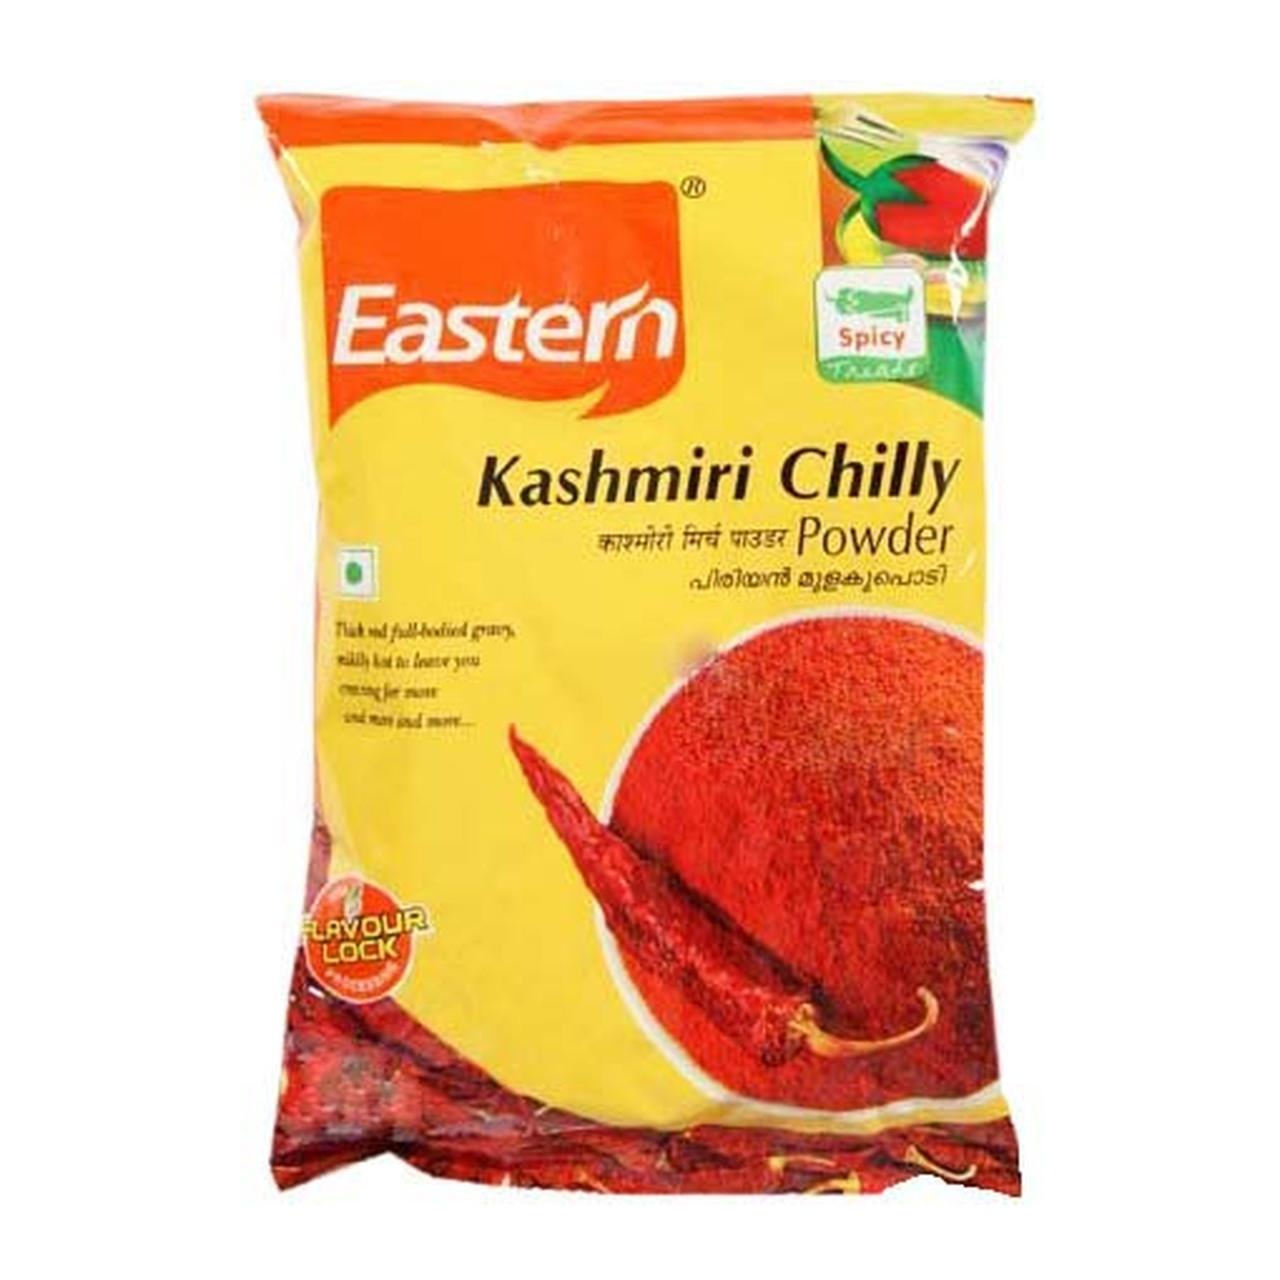 Eastern Kashmiri Chilly Powder - 250gm